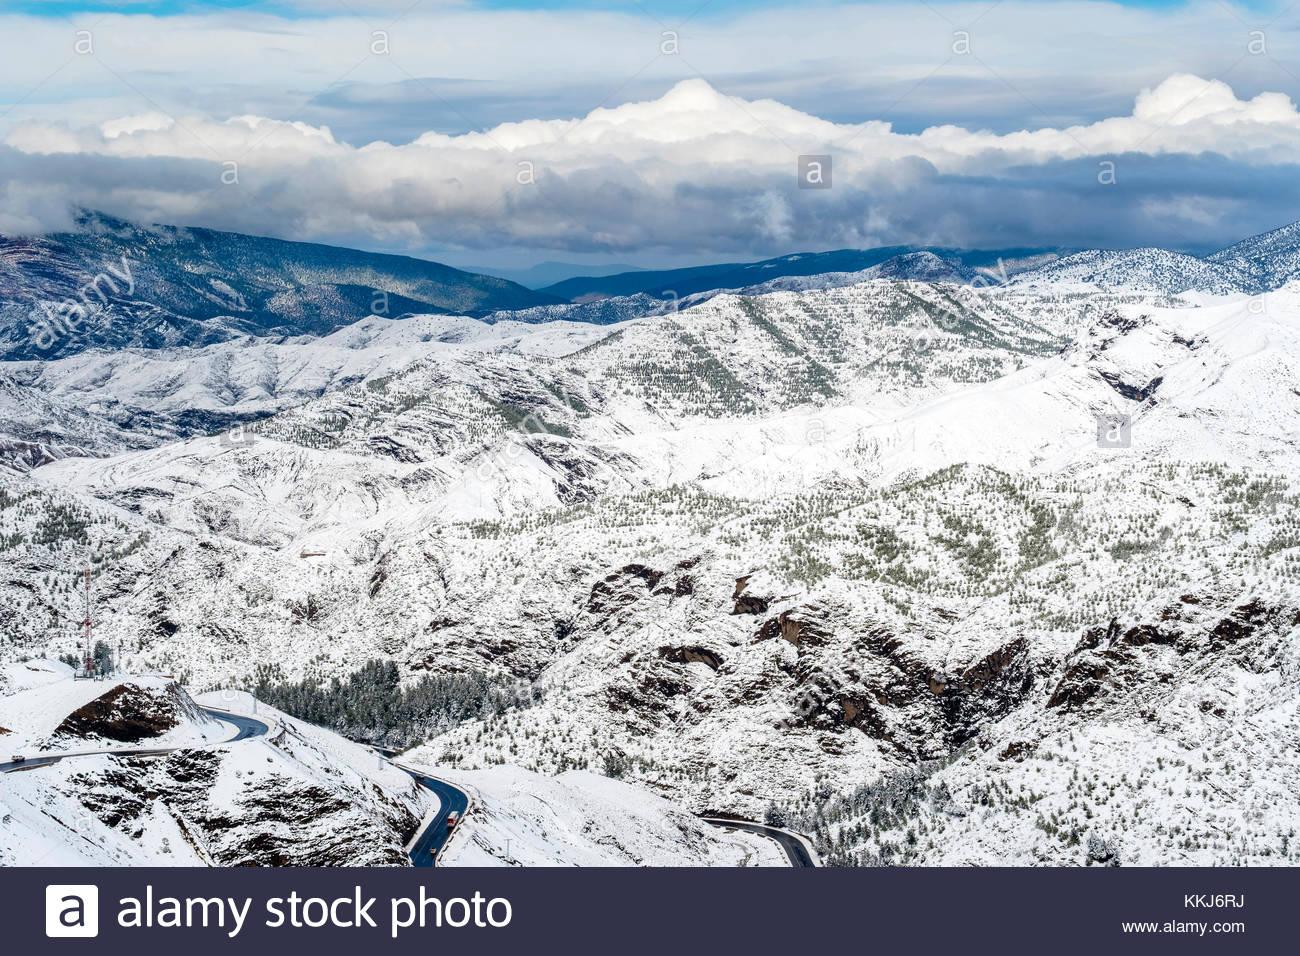 Marokko, Marrakech-Safi (Marrakesh-Tensift-El Haouz), Al Haouz Provinz. Tizi N'Tichka Pass im Atlasgebirge. Stockbild